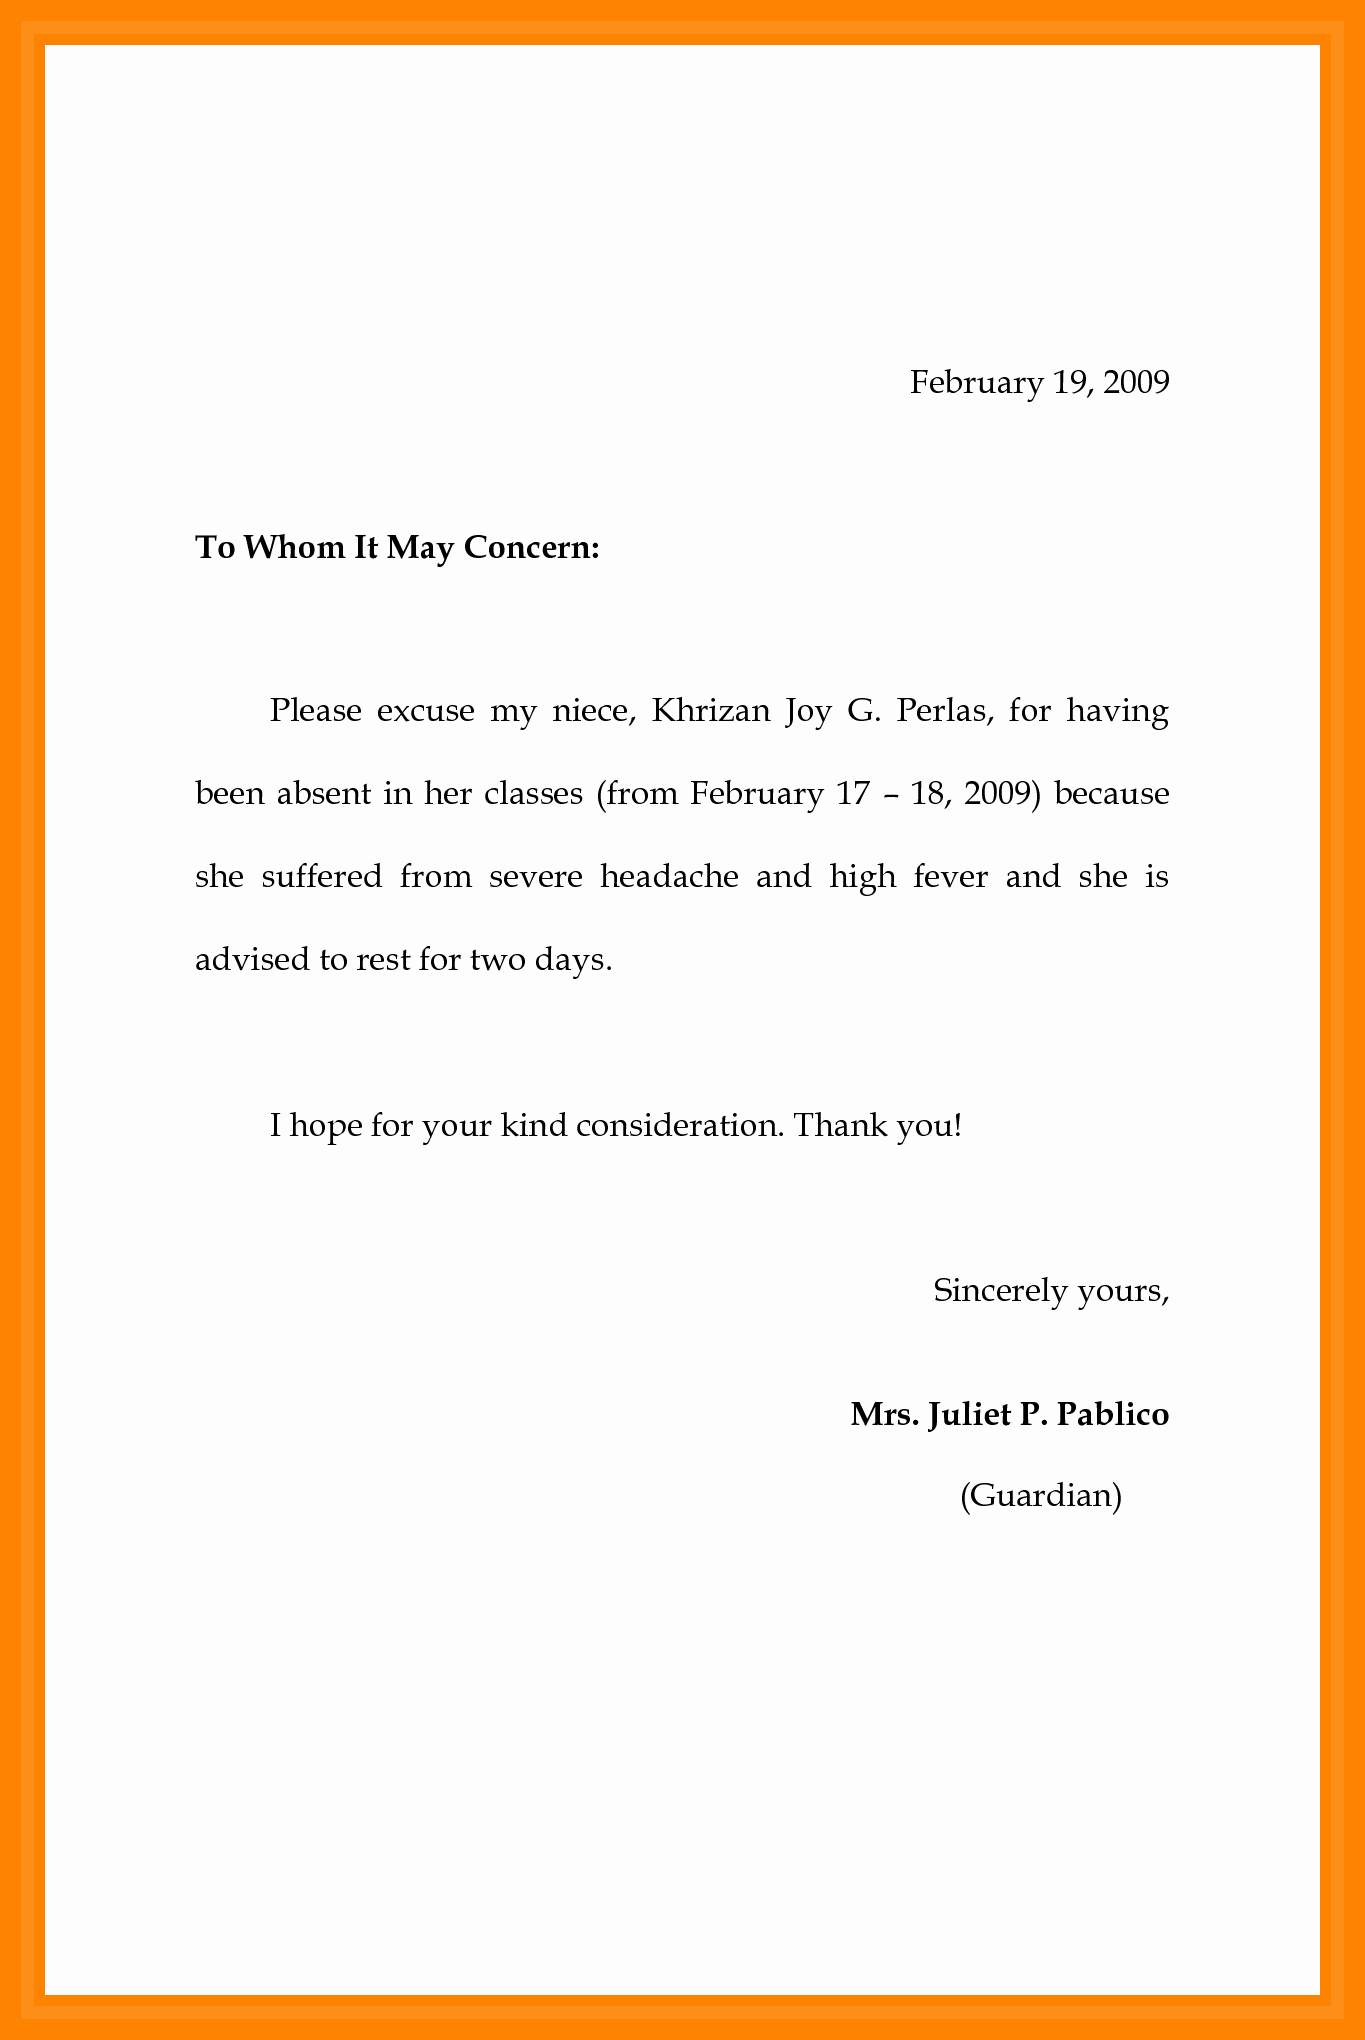 Sample Absence Letter to Teacher Fresh 10 Absent Letter to Teacher